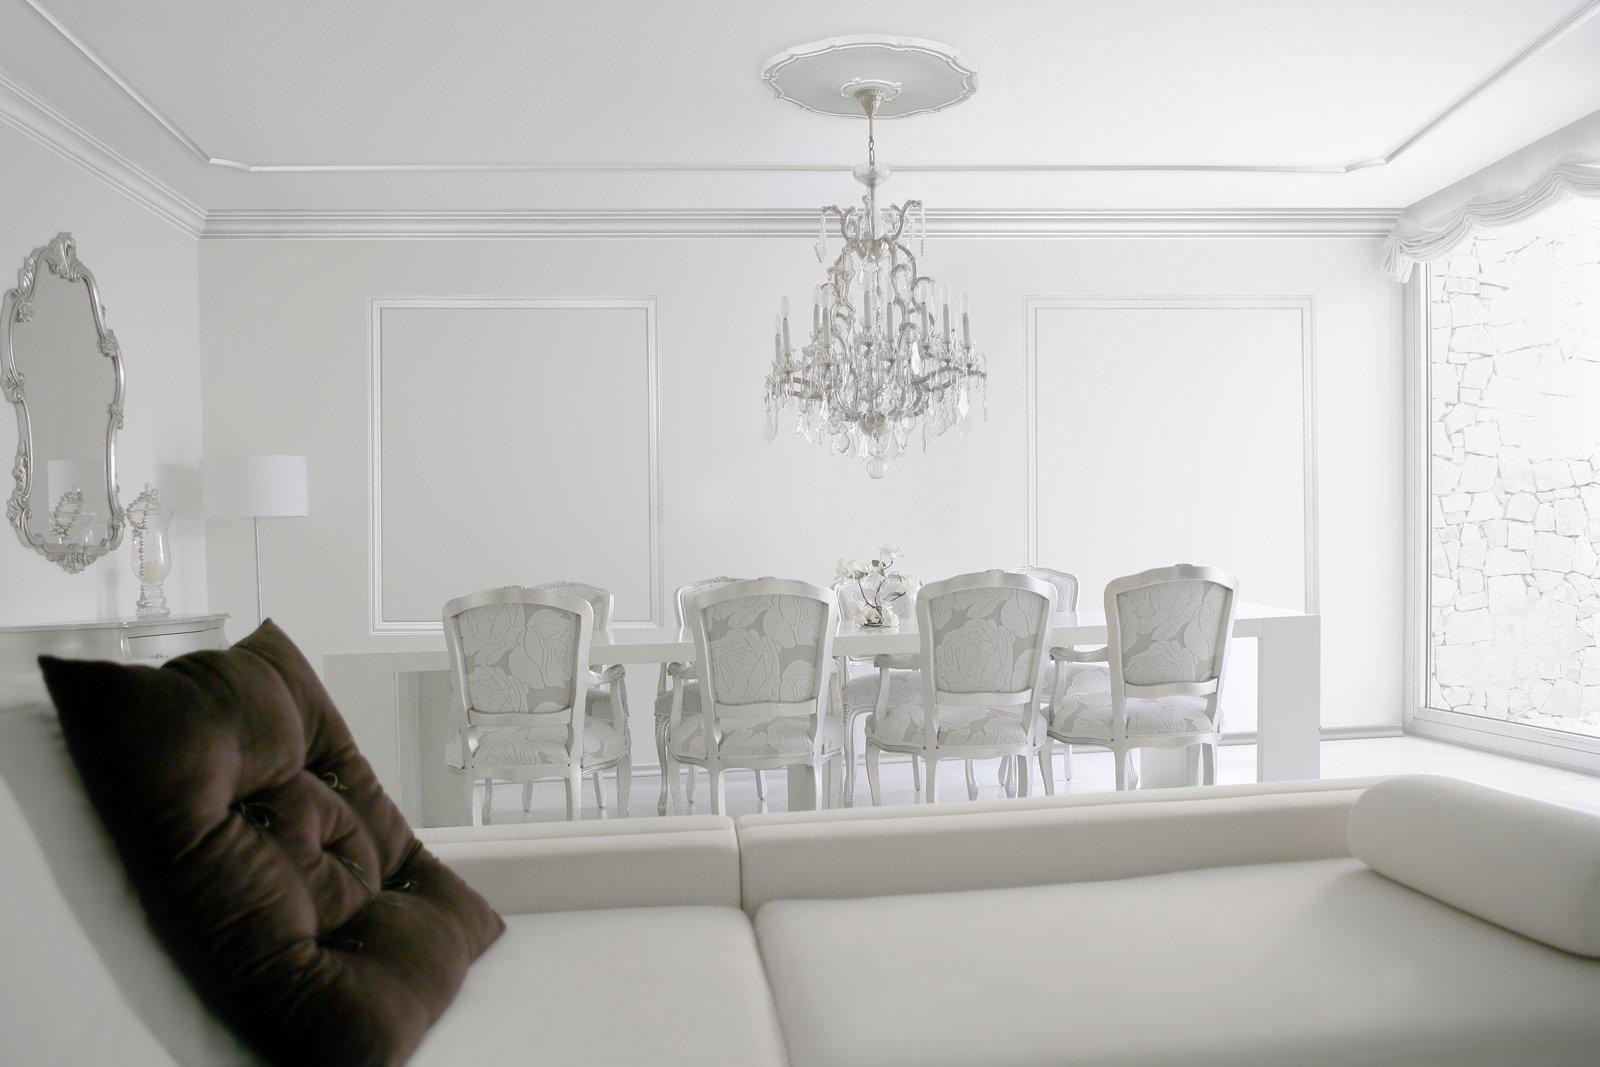 estruse Italstyl di Bovelacci valorizzano i soffitti e le pareti ...